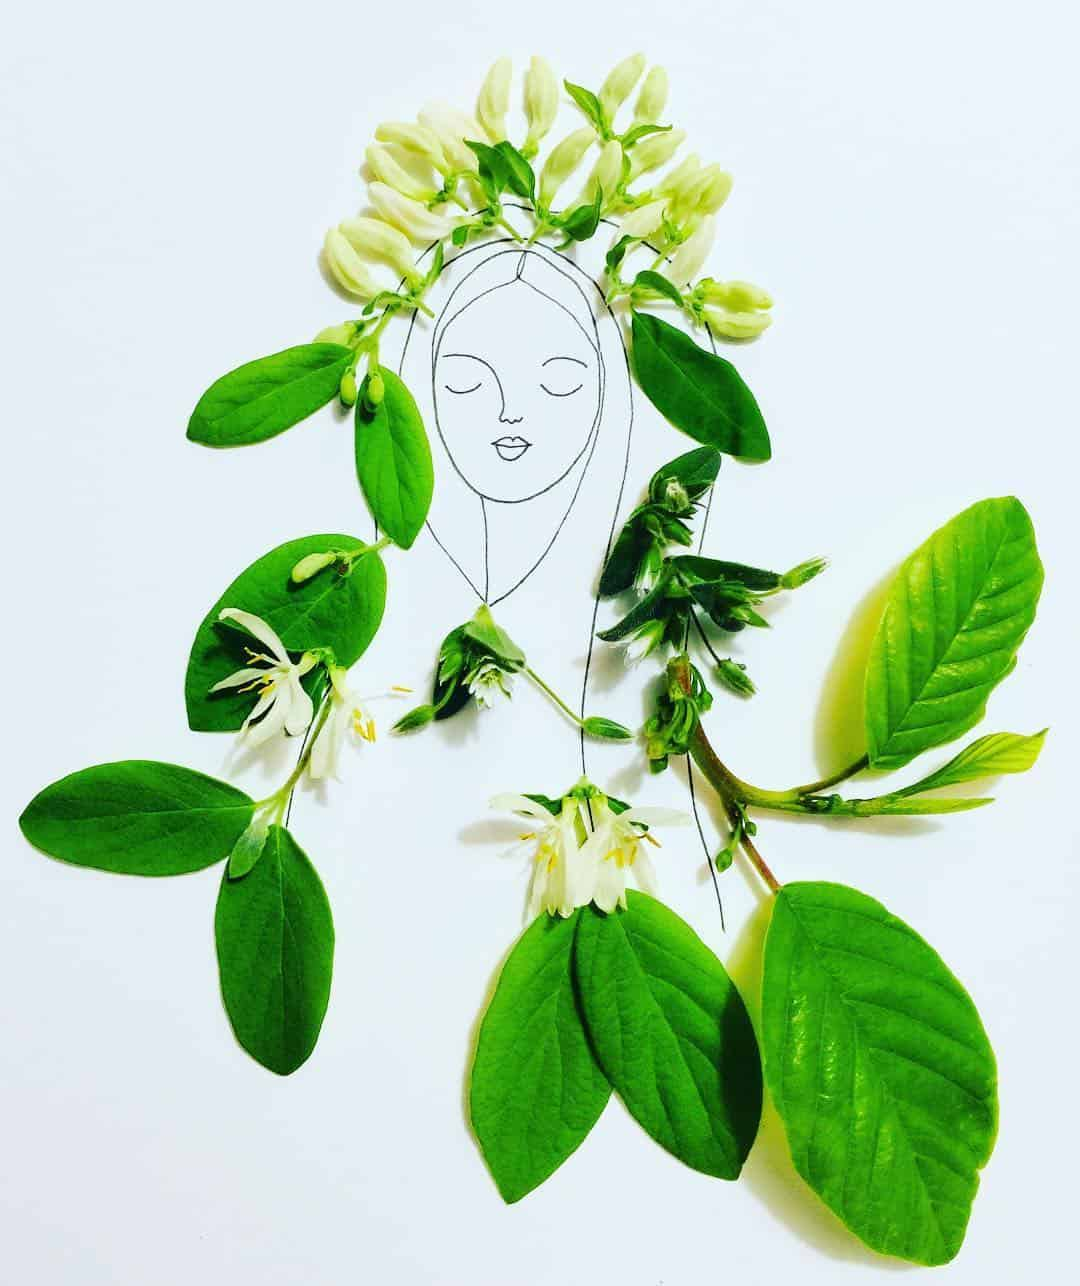 melissa flesher flower drawing 3